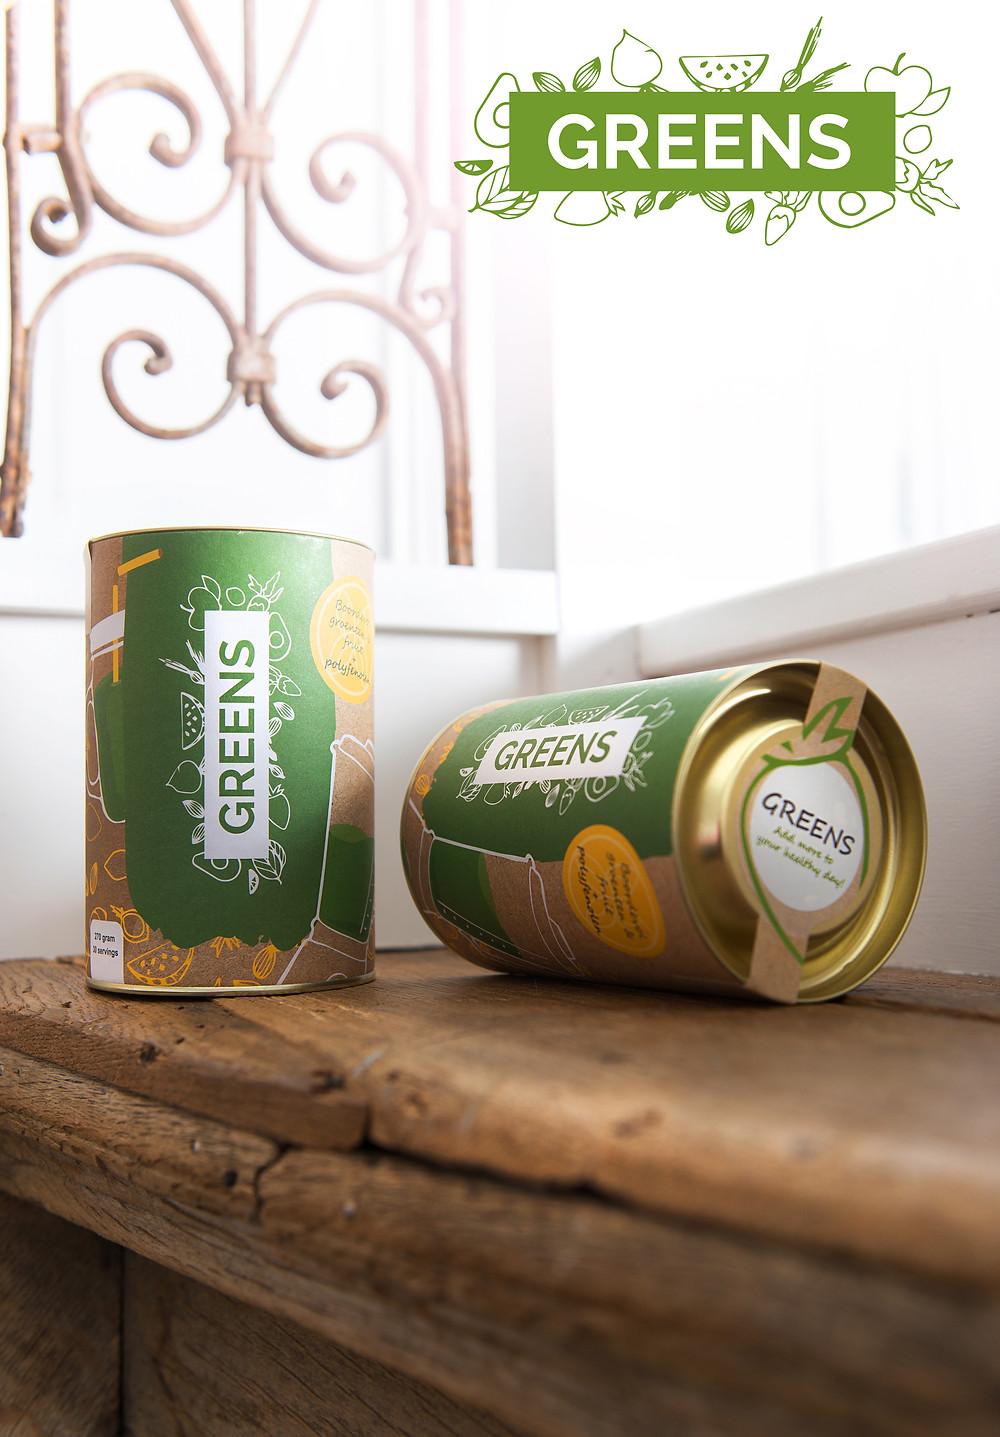 Greens, 270 gram. Genoeg voor 30 dagen. Prijs: 40 euro